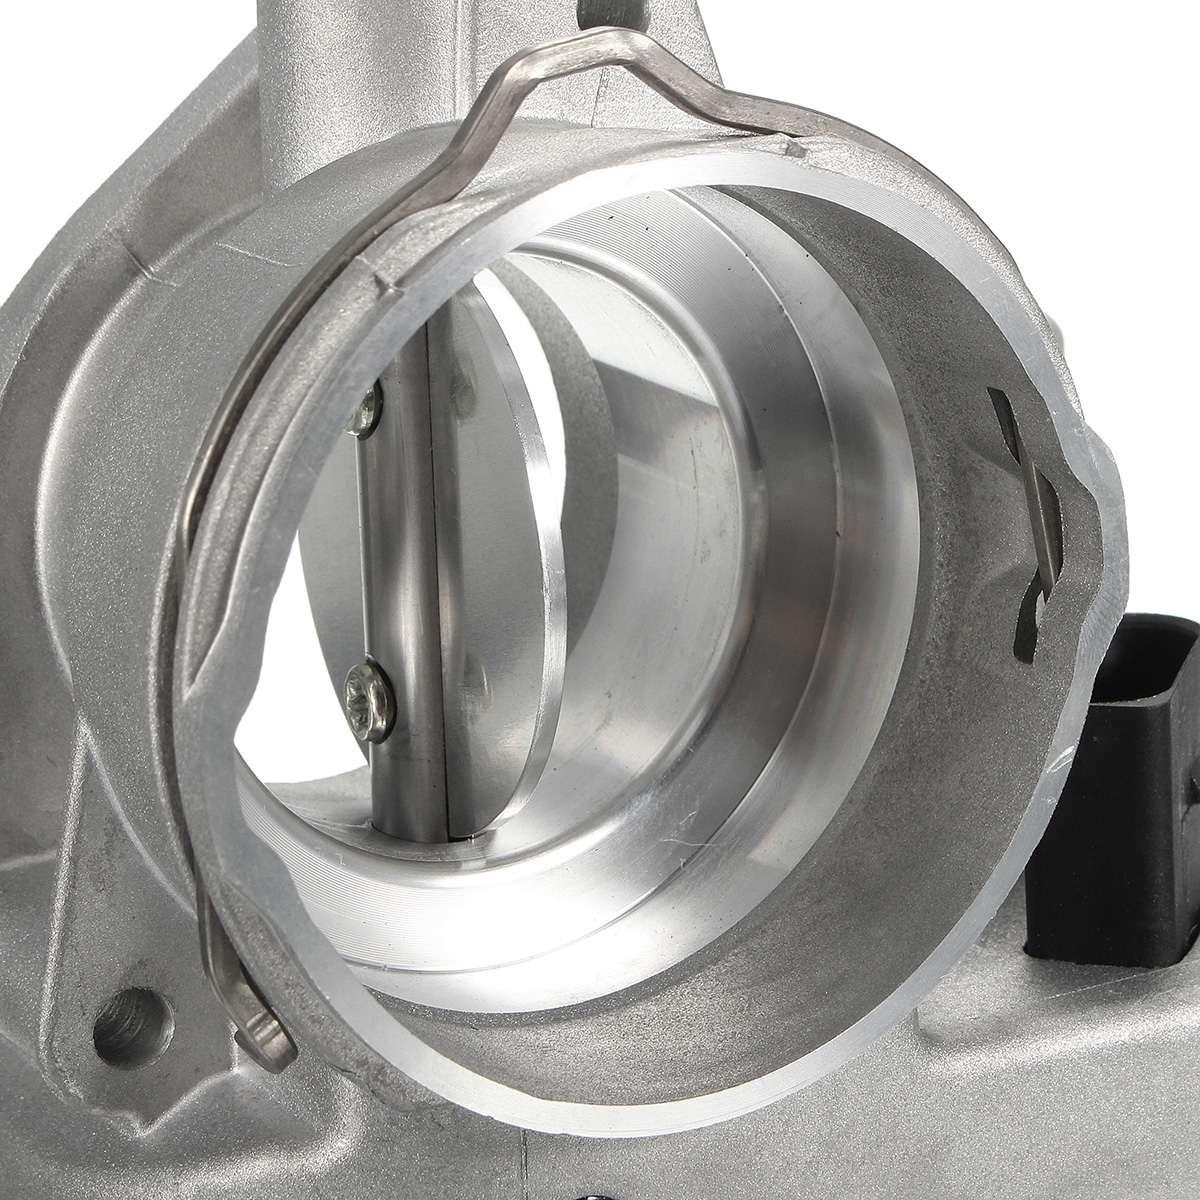 038128063F 038128063G tout nouveau corps d'accélérateur pour Audi pour Skoda pour VW Seat 1.9 2.0 TDi rabat collecteur 038128063G/L/F/M/P/Q - 4